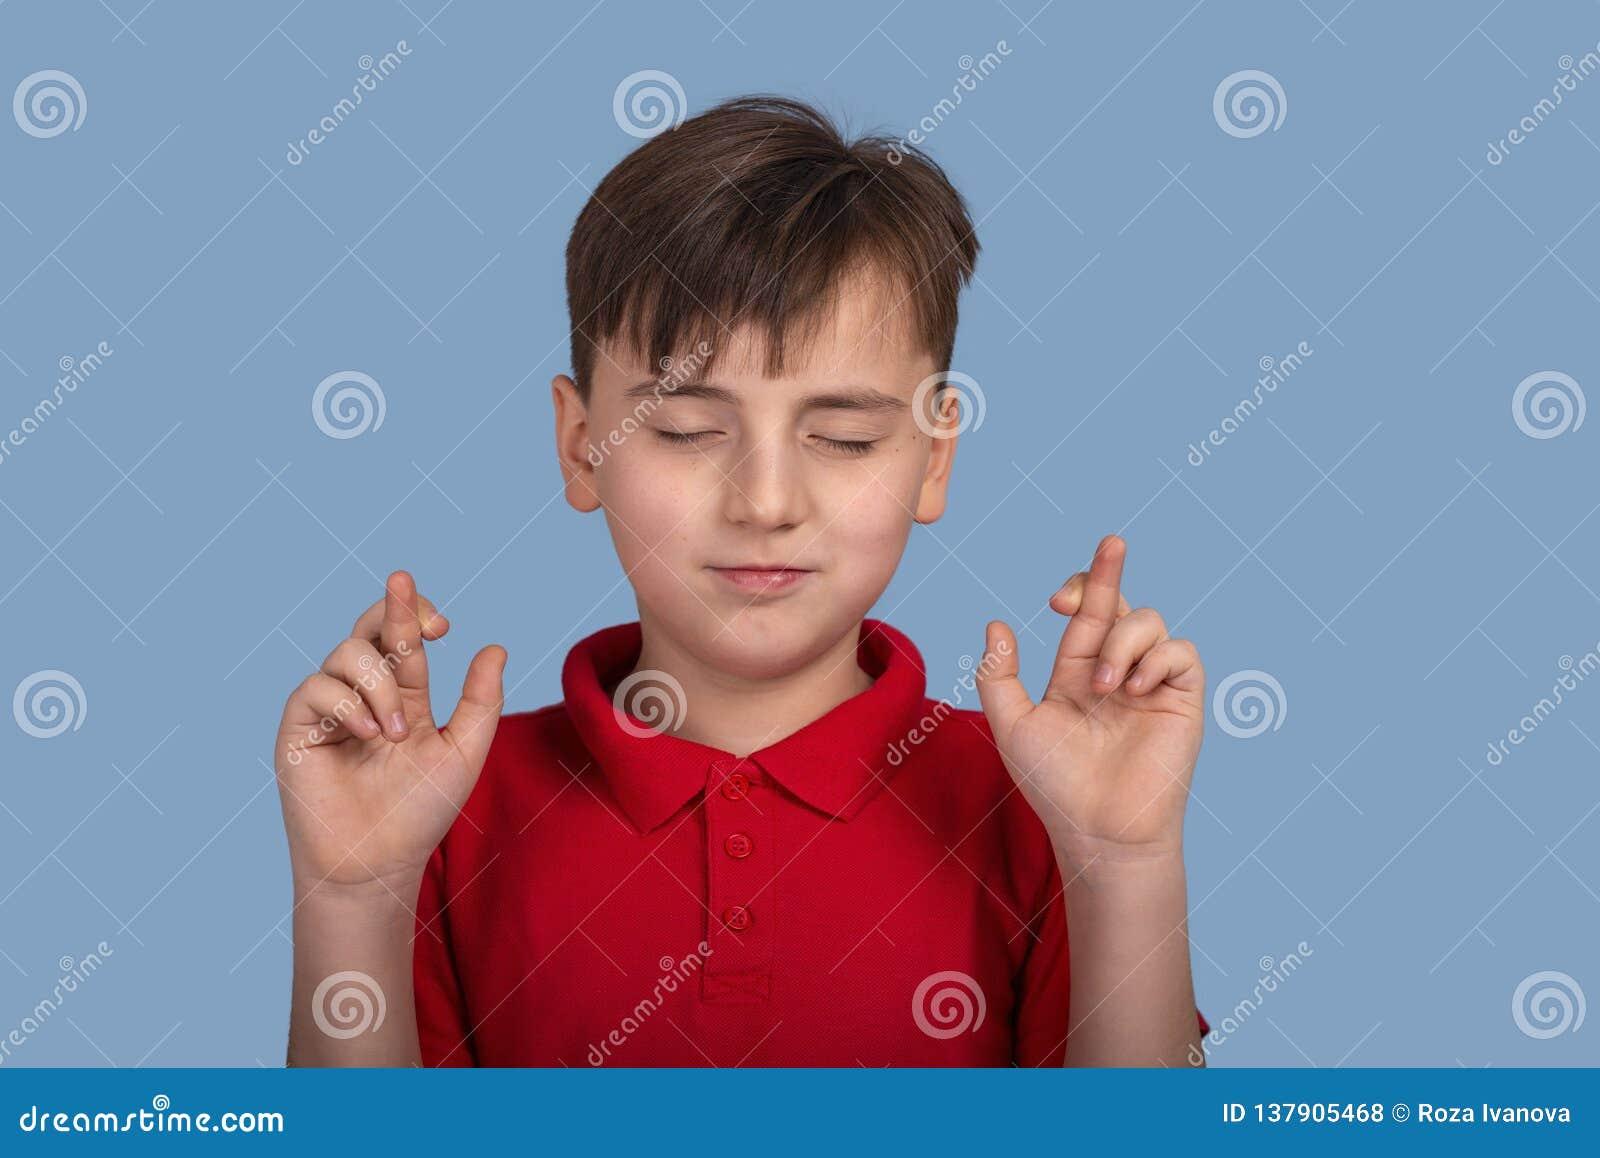 Портрет студии a мальчика с закрытыми глазами предлагая желание и показывая руки с пересеченными пальцами на голубой предпосылке